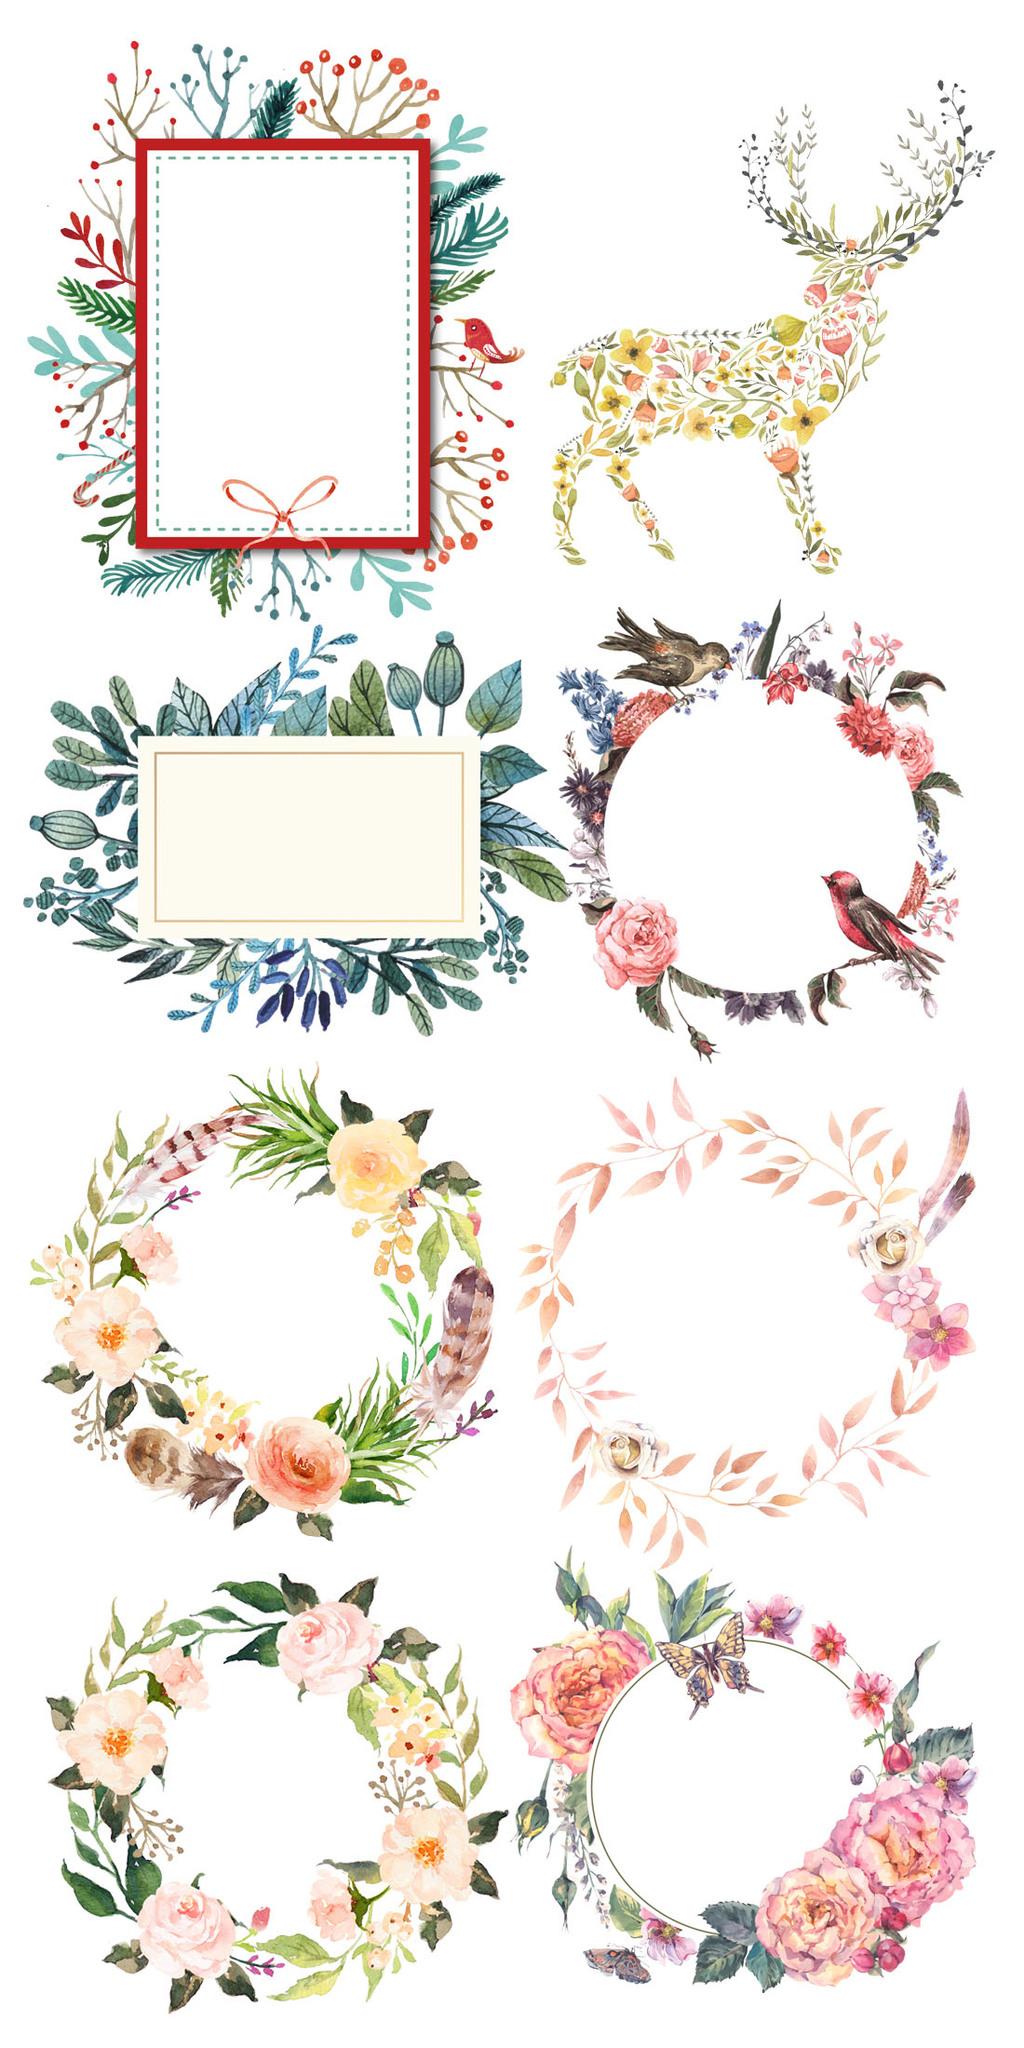 唯美清新手绘花框花圈促销素材